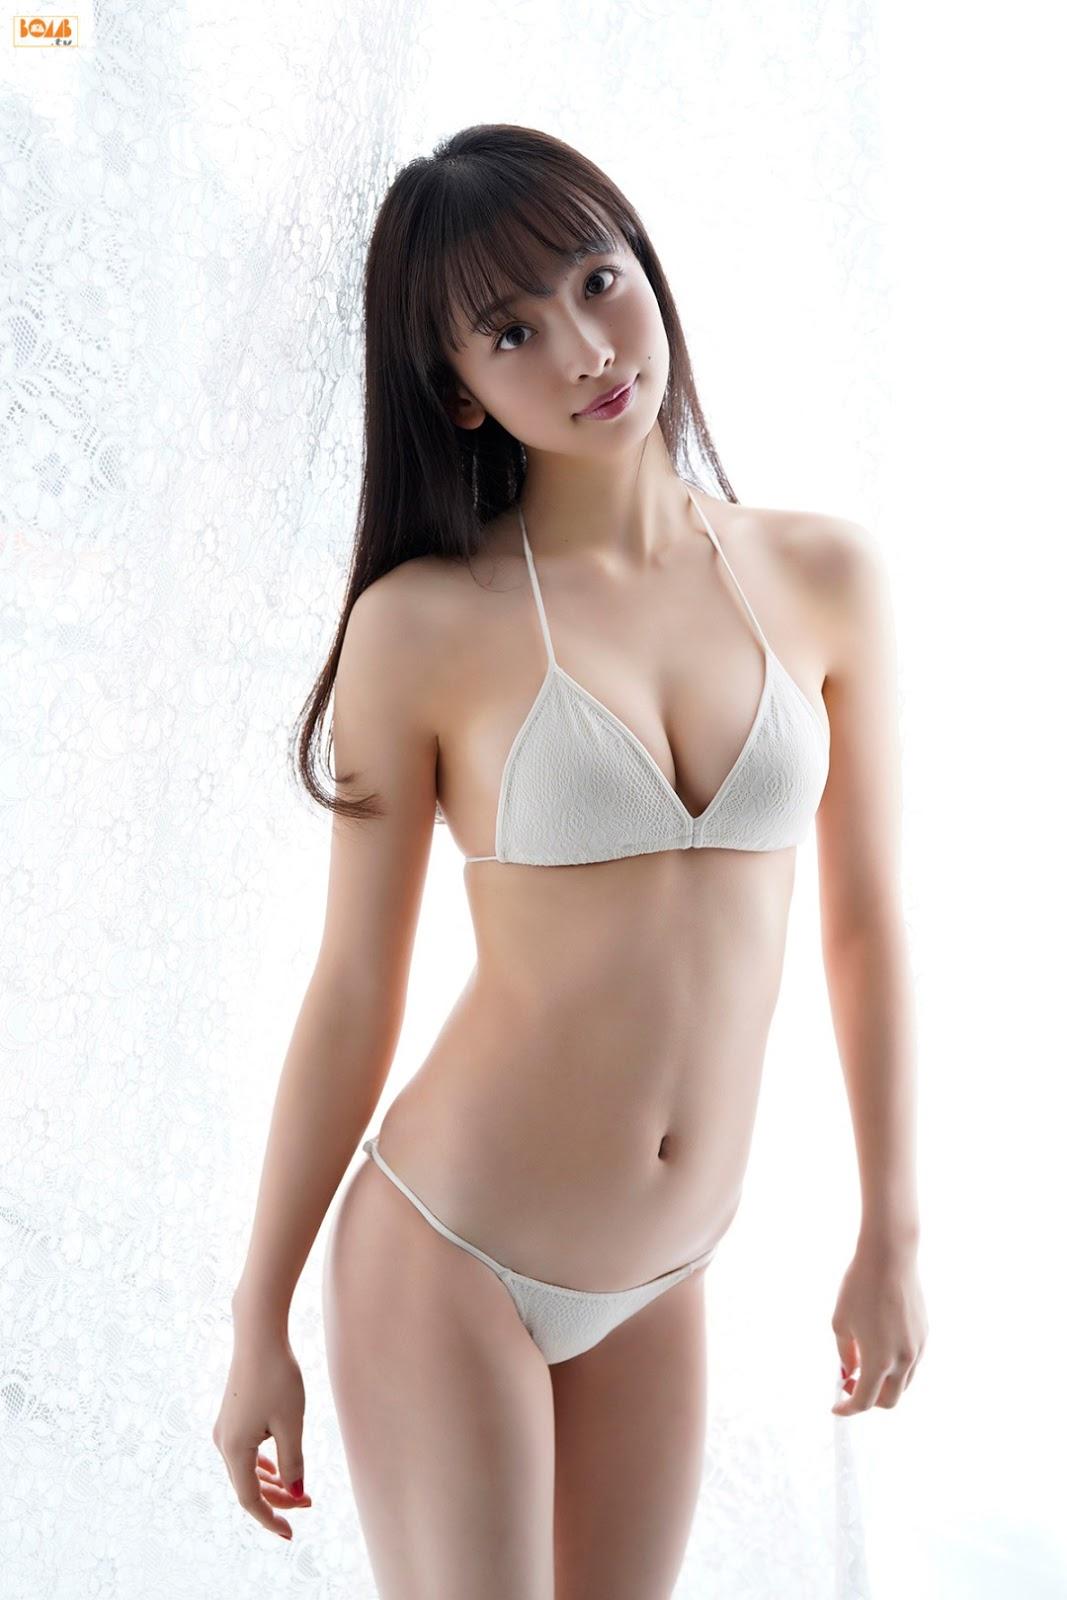 Hanamura 01014